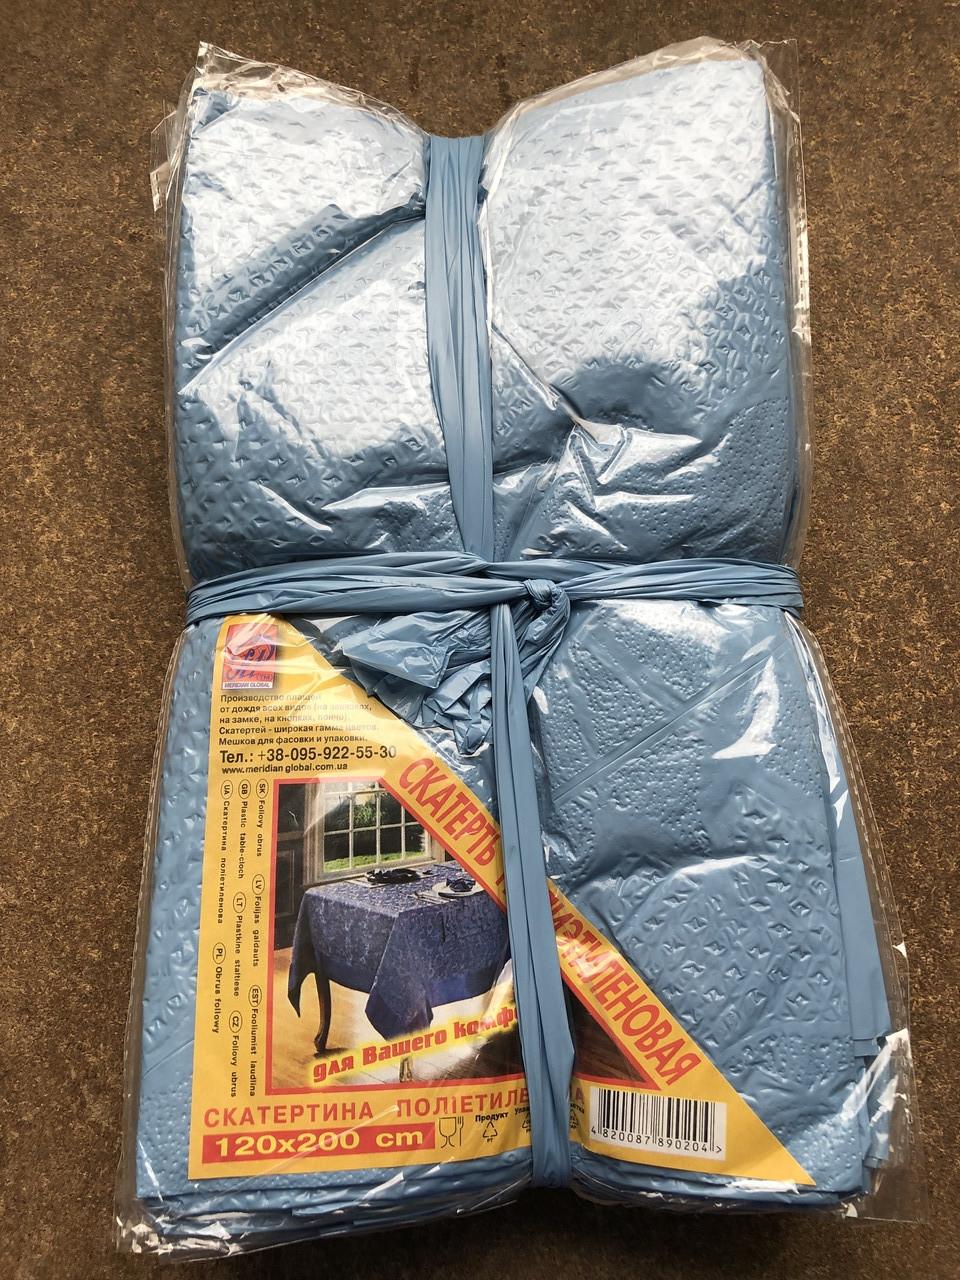 Скатерть полиэтиленовая для стола 120*200 см голубой